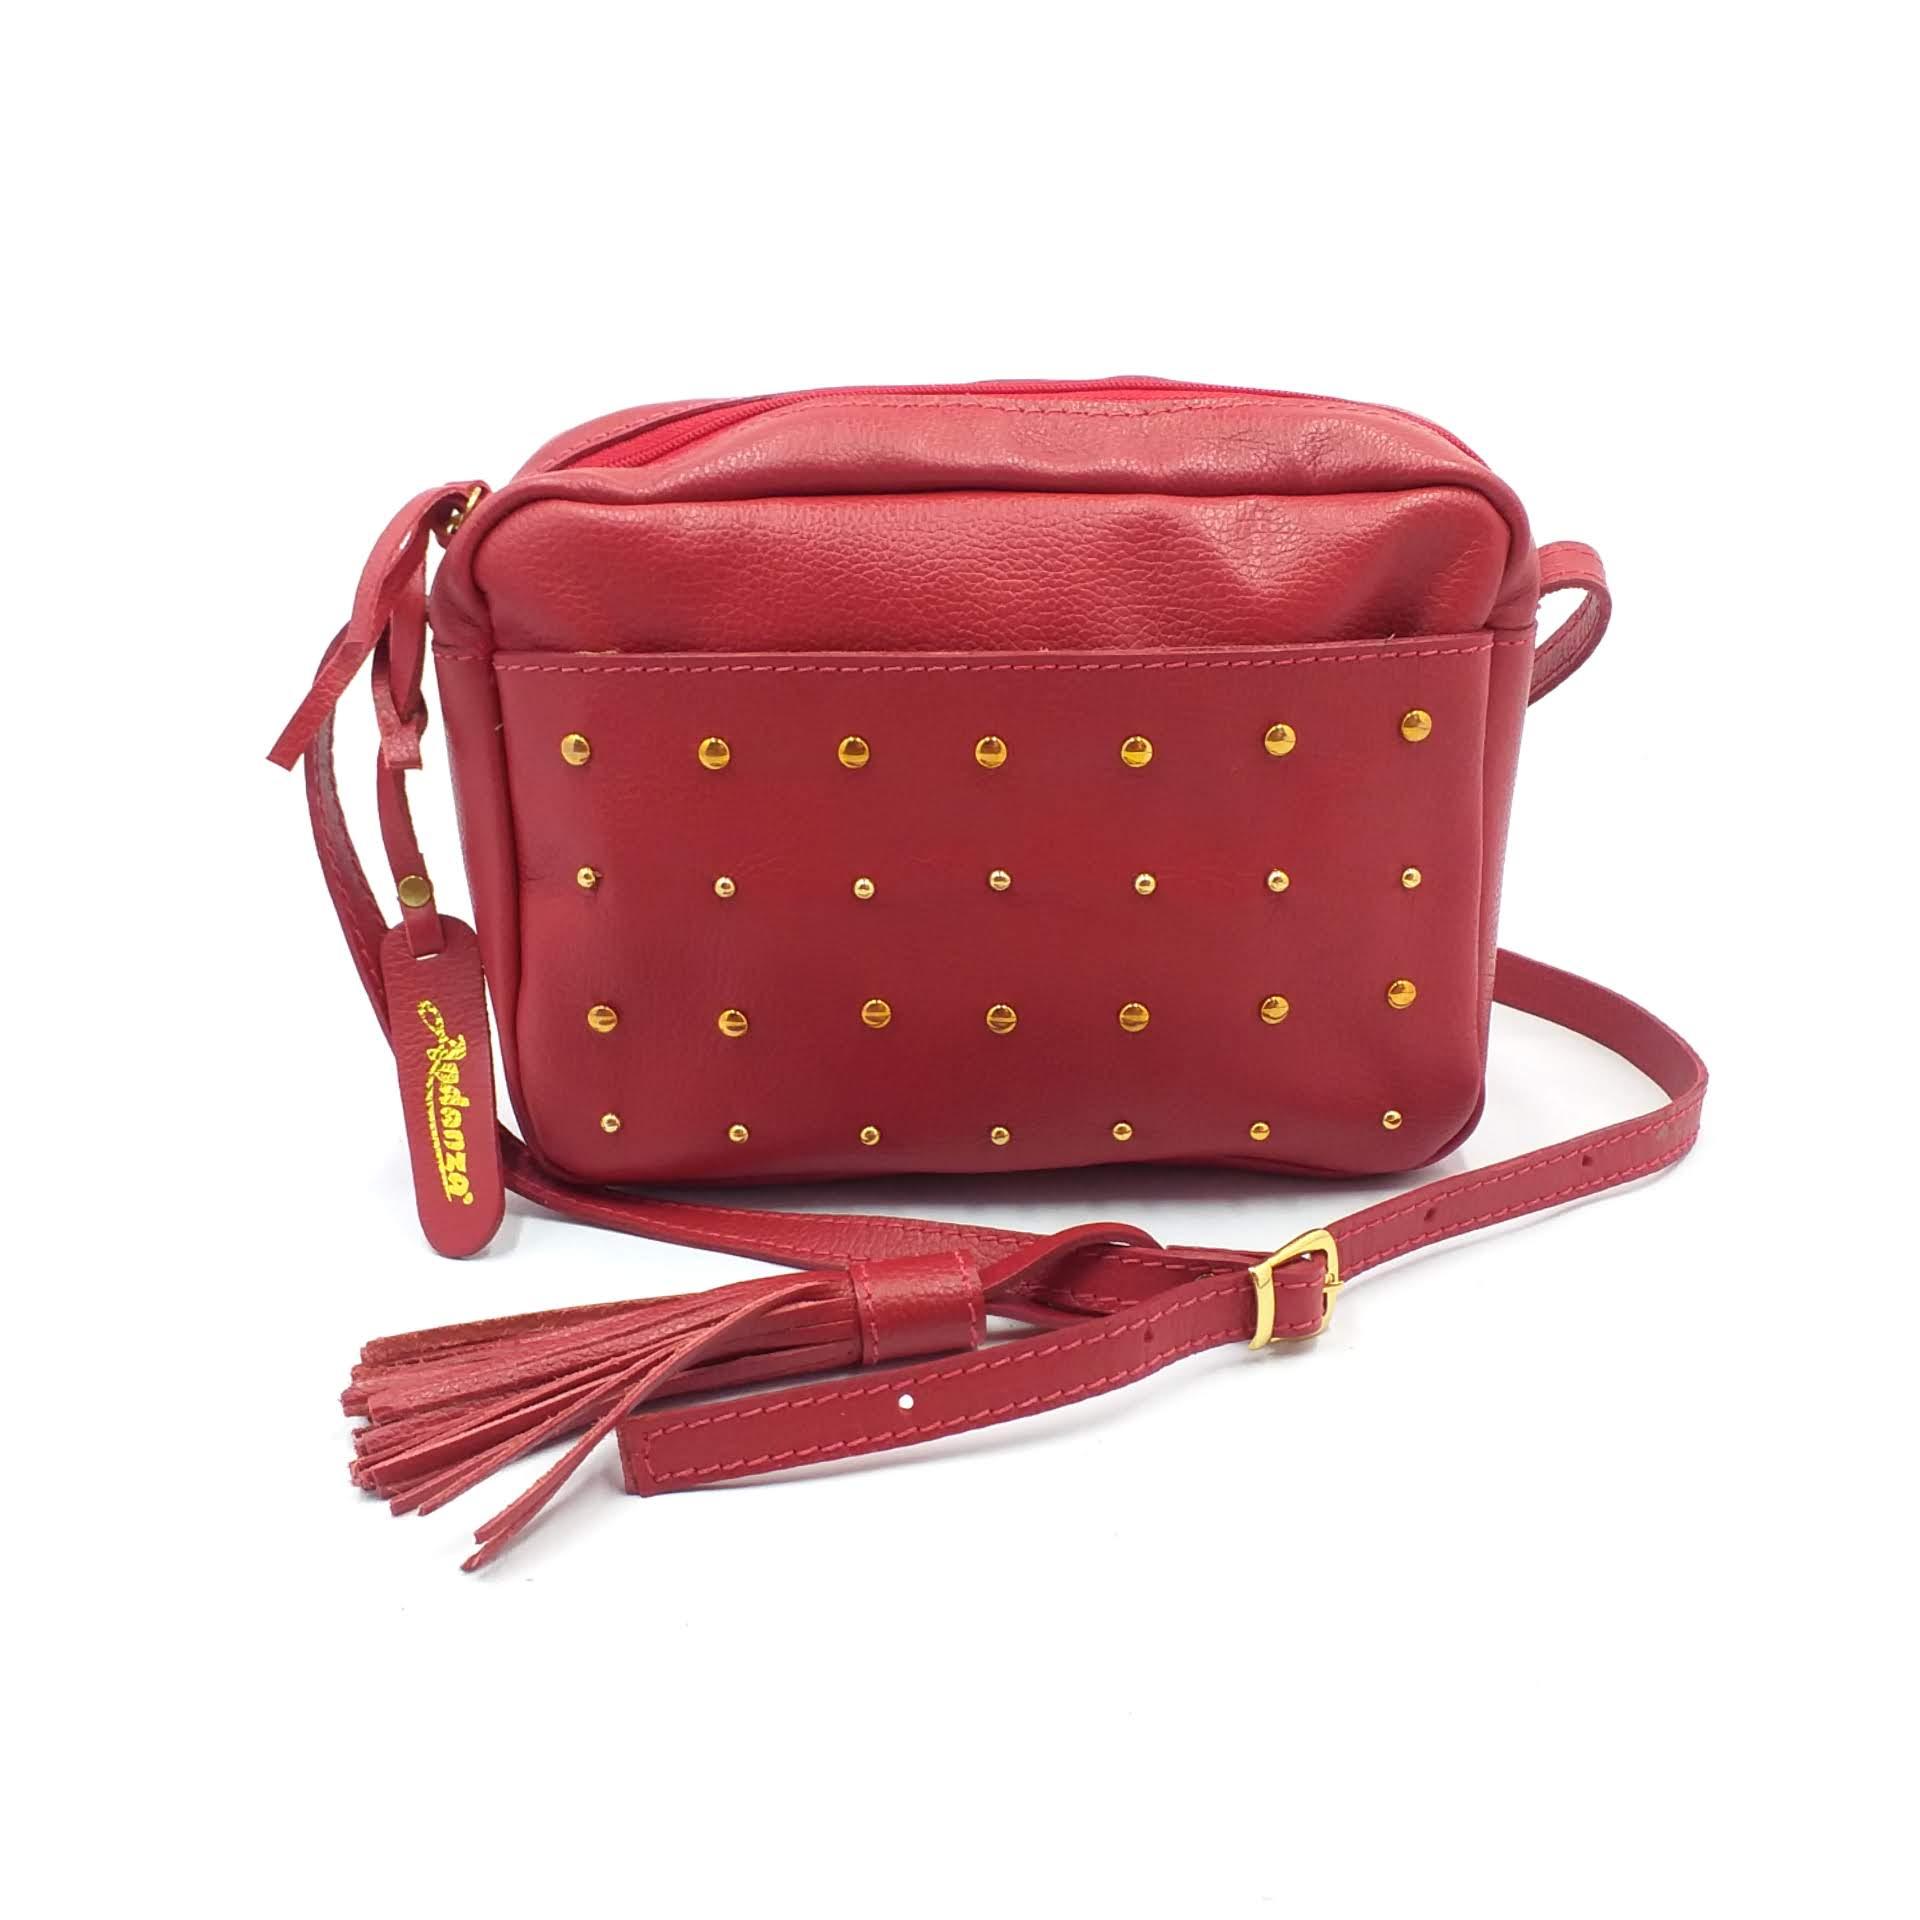 Bolsa de Couro Feminina Vermelha com Spikes